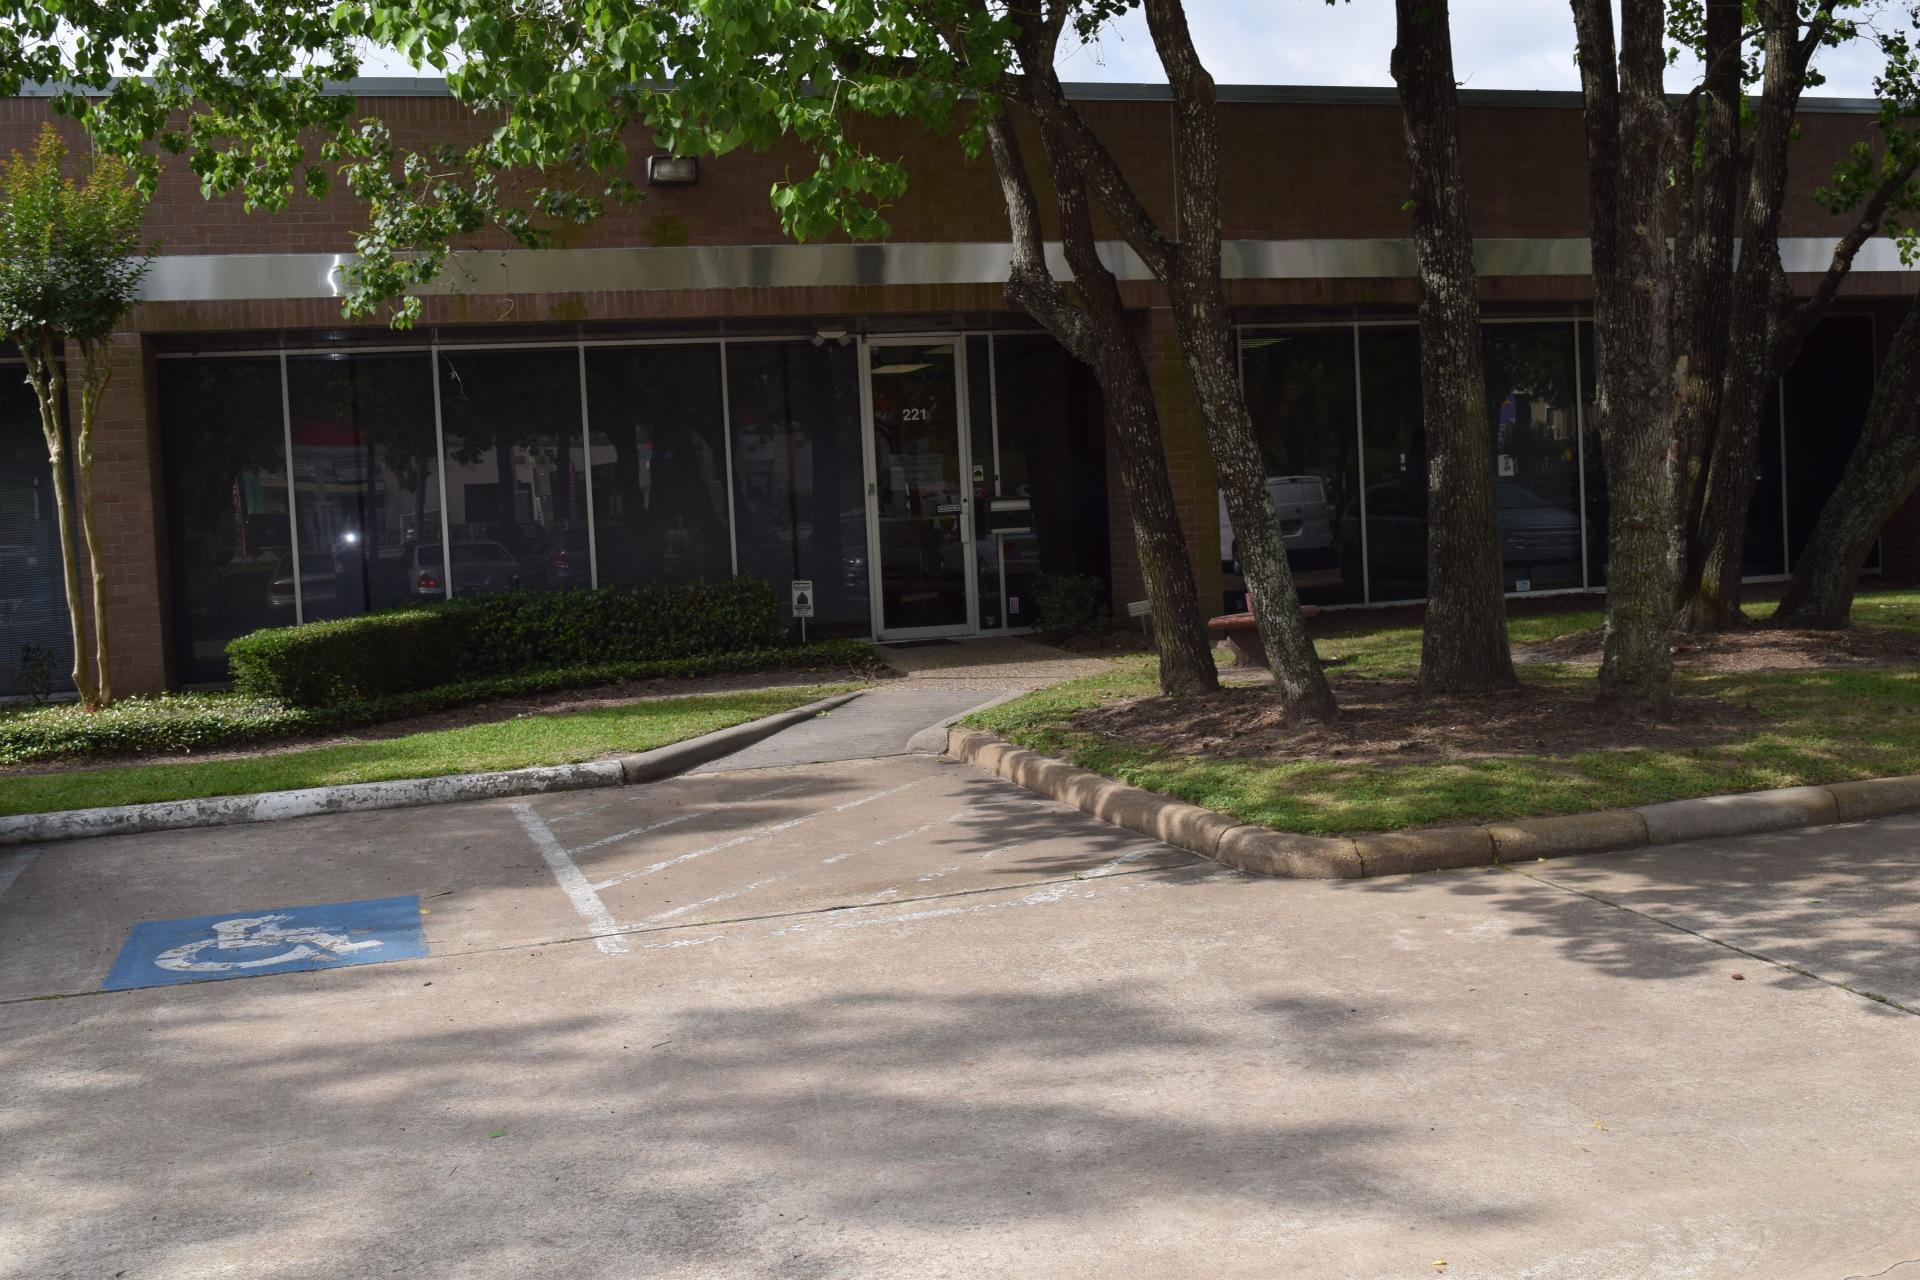 Affinity Memorial Center